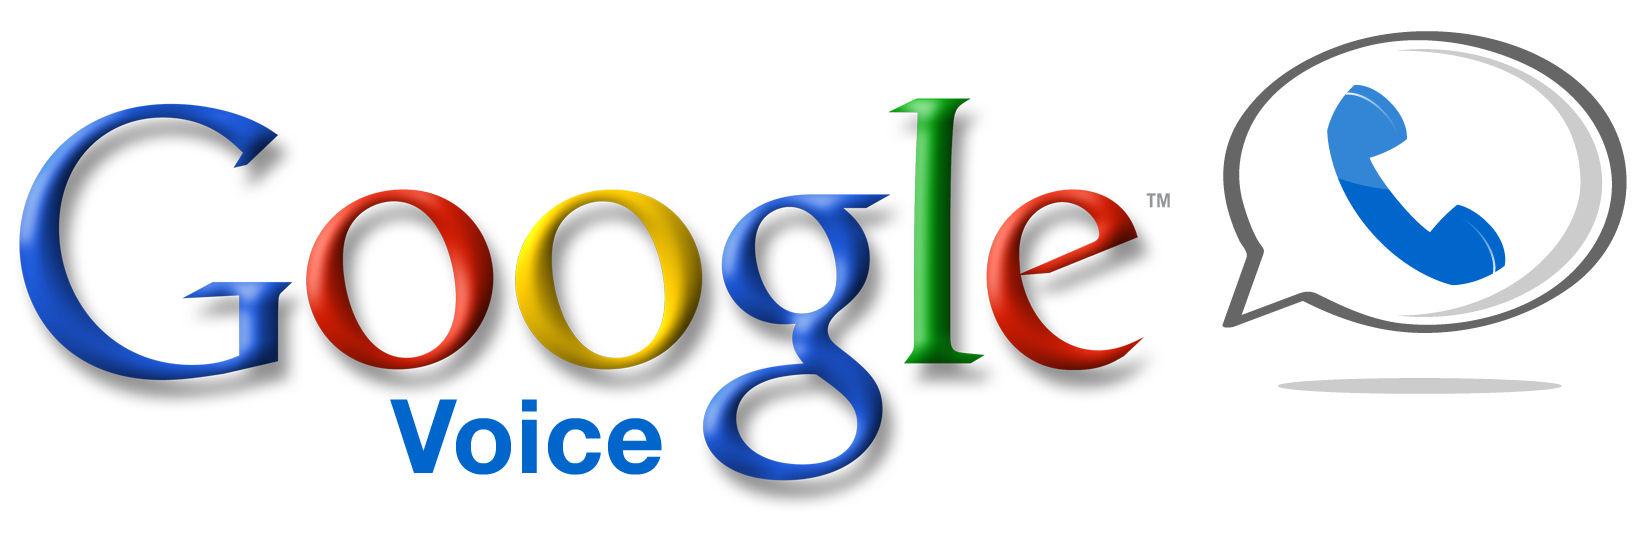 GoogleVoice-Logo